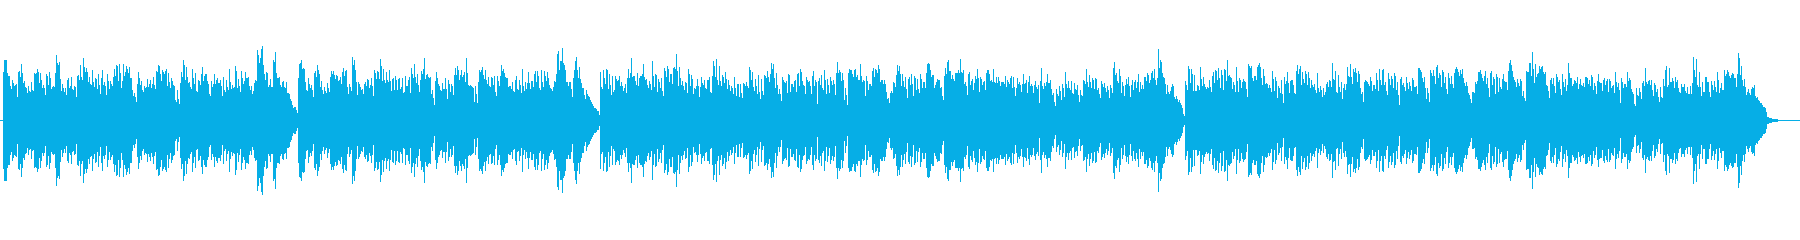 優美で荘重なチェンバロ バロック・高音質の再生済みの波形